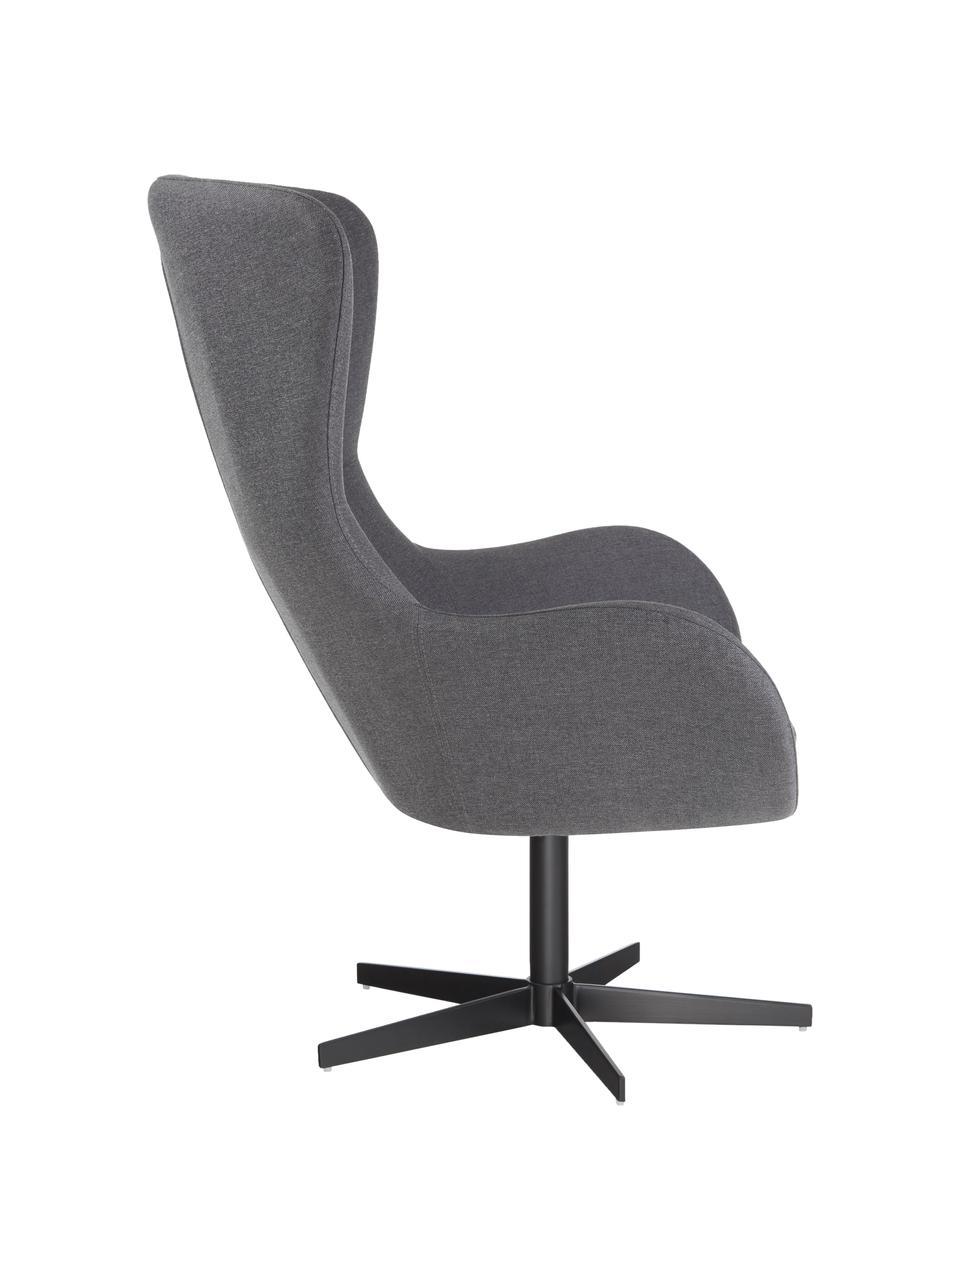 Obrotowy fotel uszak Wing, Tapicerka: 93% poliester, 5% bawełna, Nogi: metal malowany proszkowo, Szary, S 76 x G 77 cm